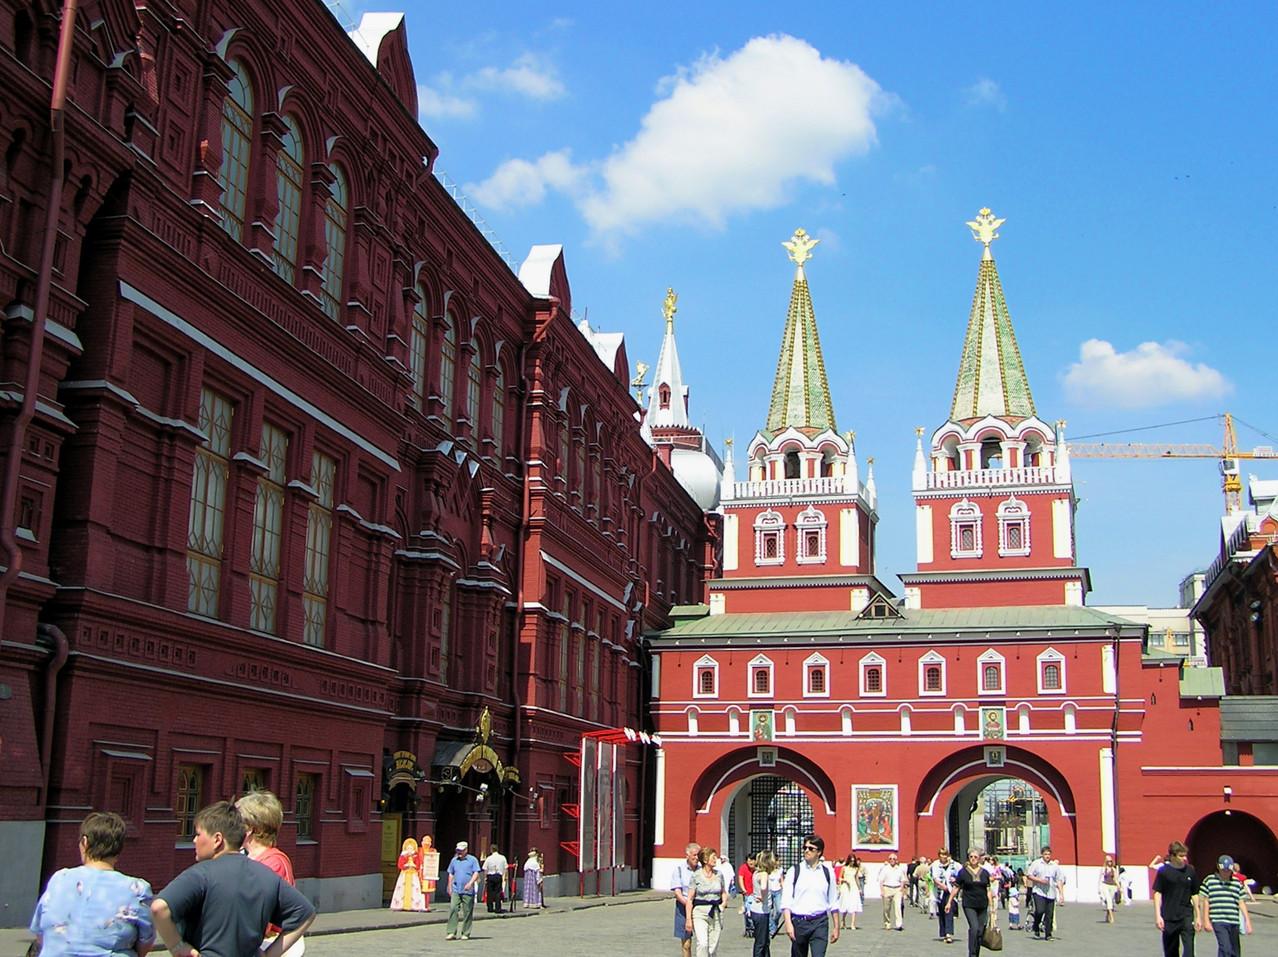 Durch die Tore neben dem Nationalmuseum ...